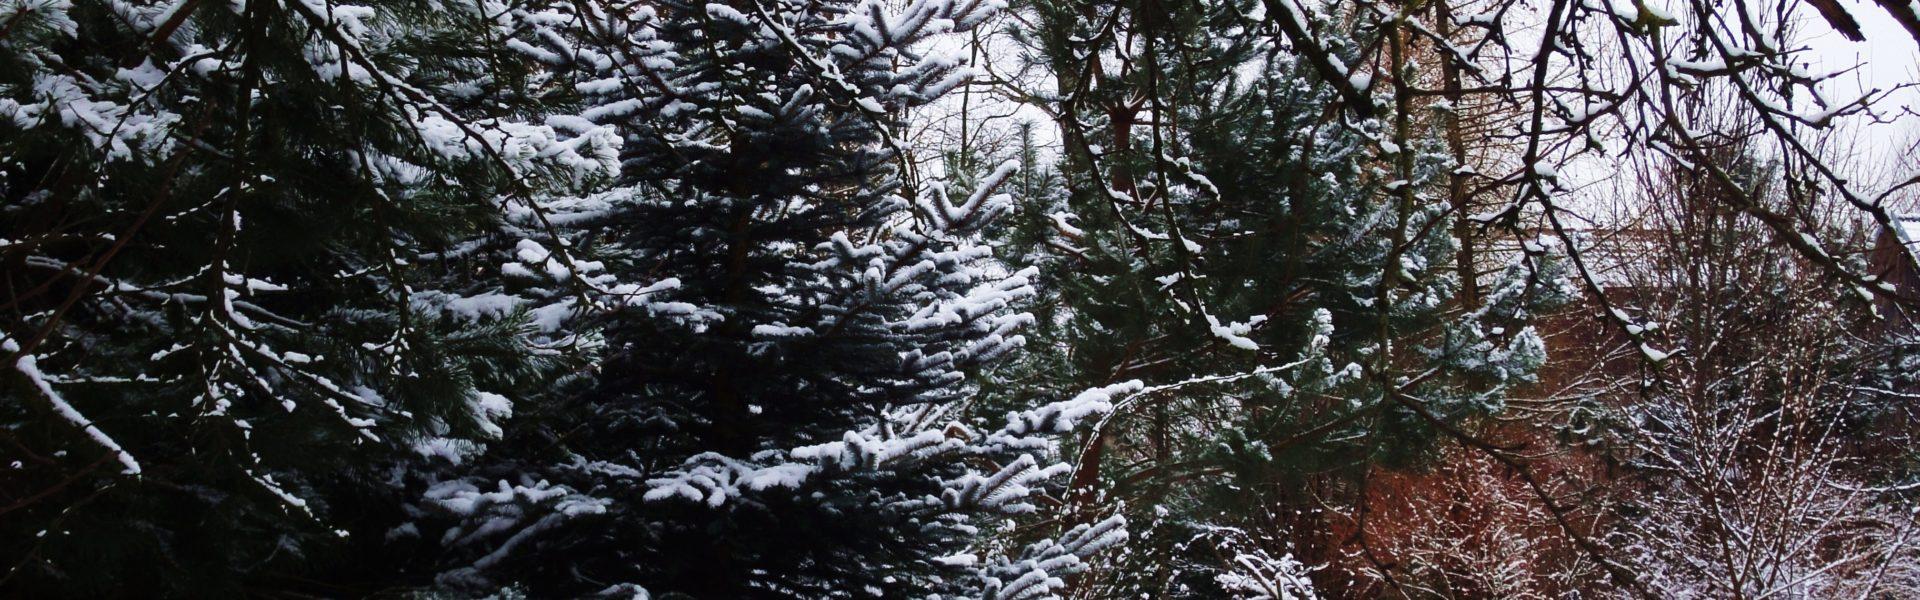 winter tuin